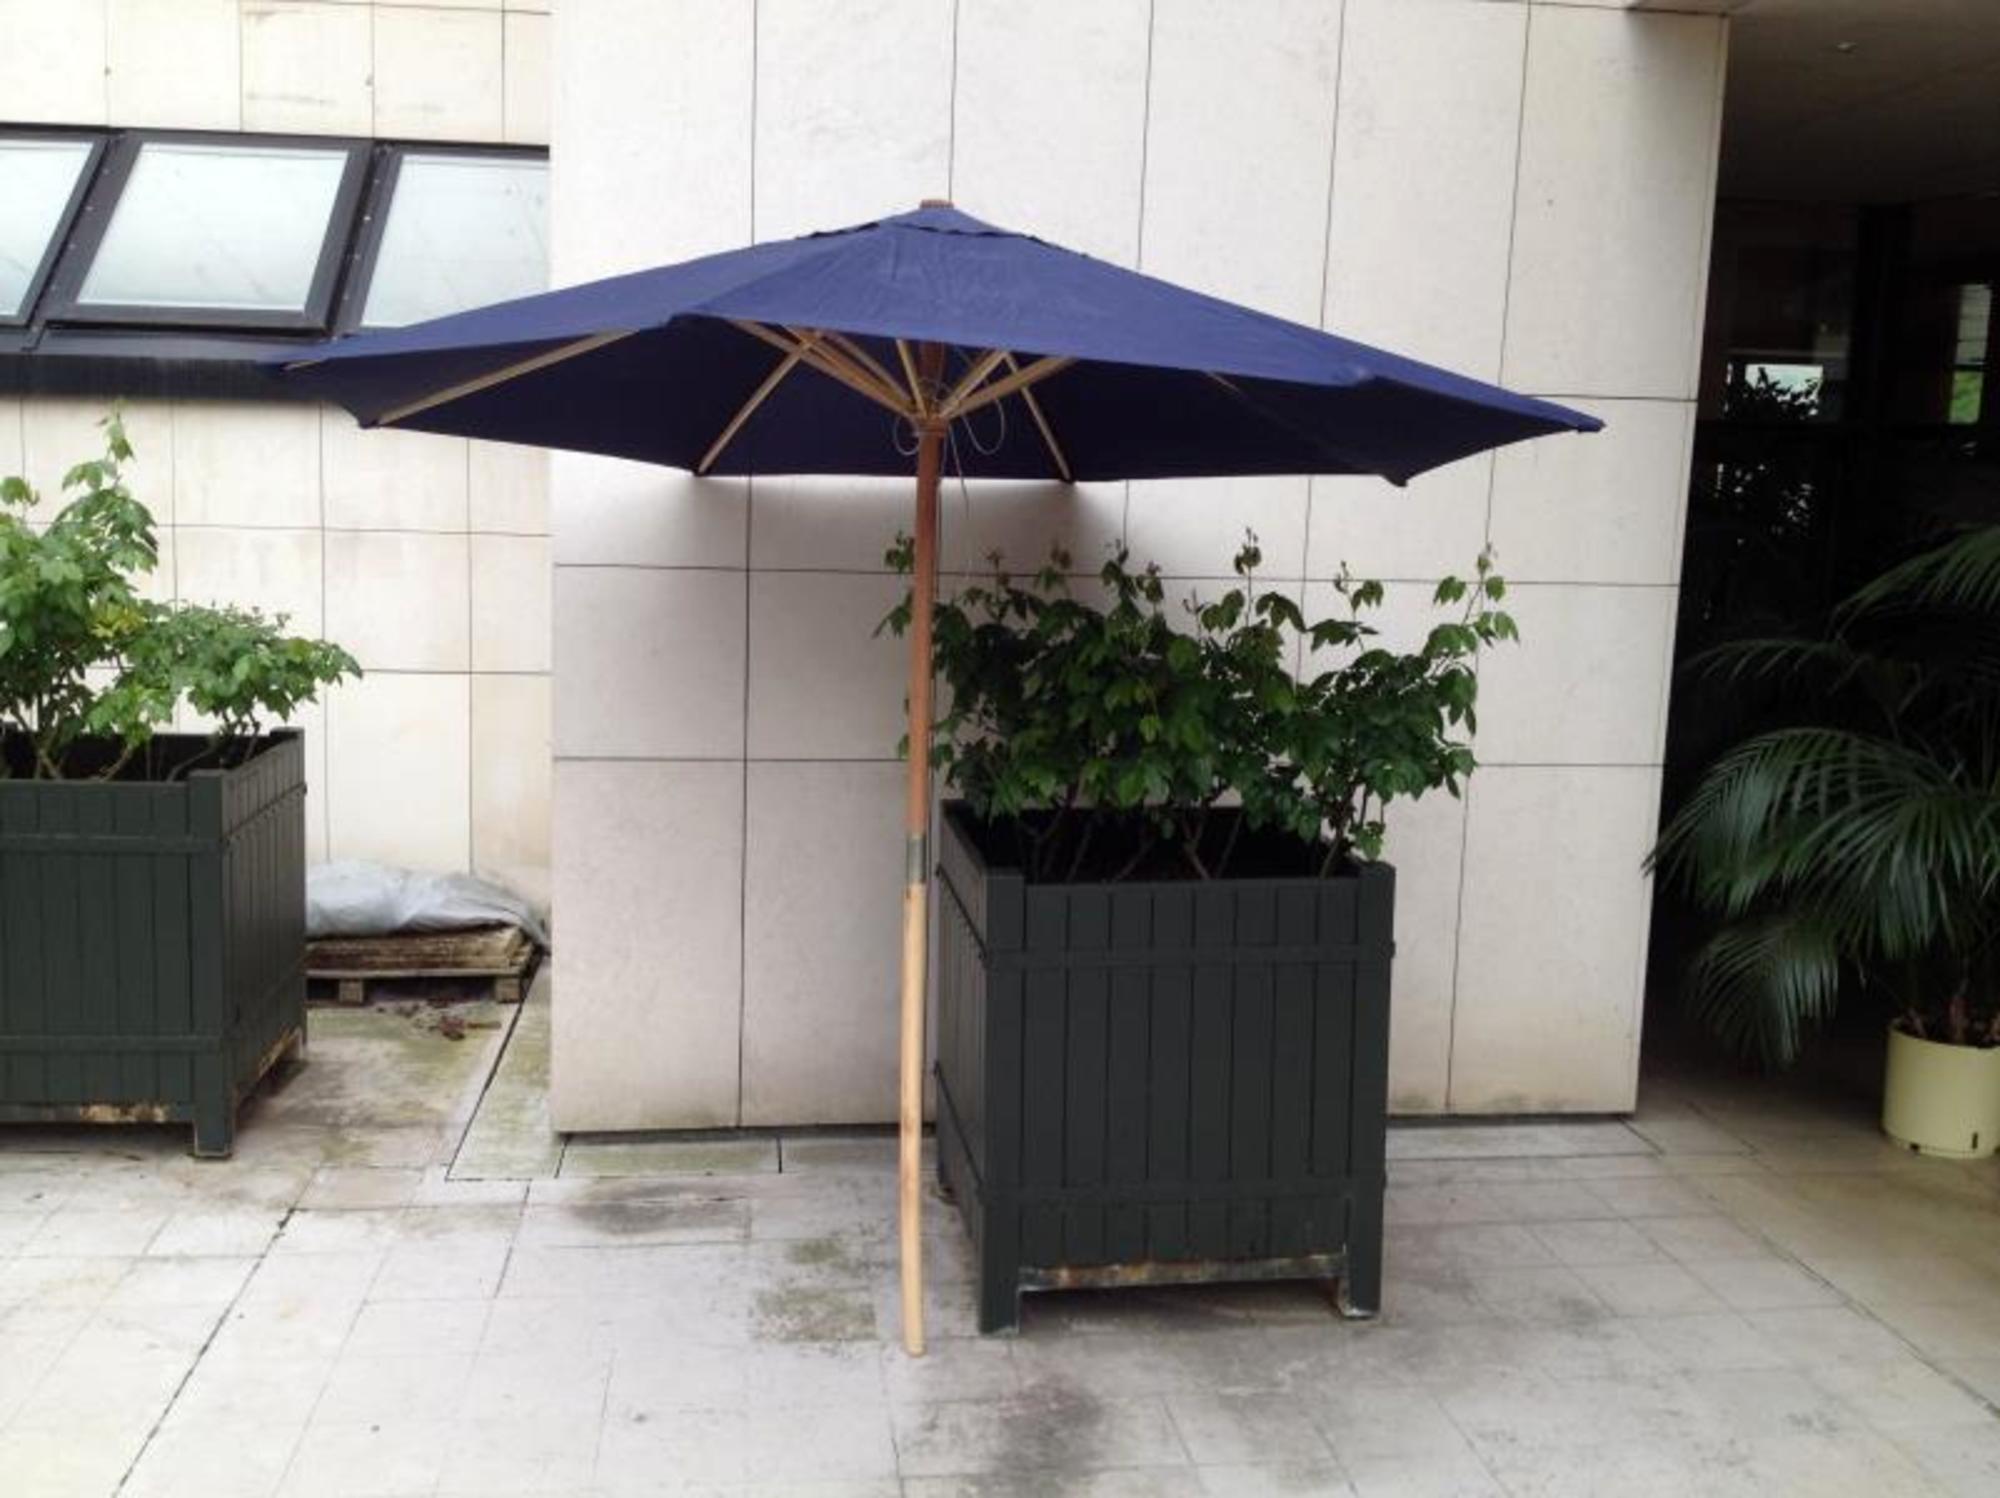 1 parasol bleu sans pied d coration de jardin d 39 occasion aux ench res agorastore. Black Bedroom Furniture Sets. Home Design Ideas